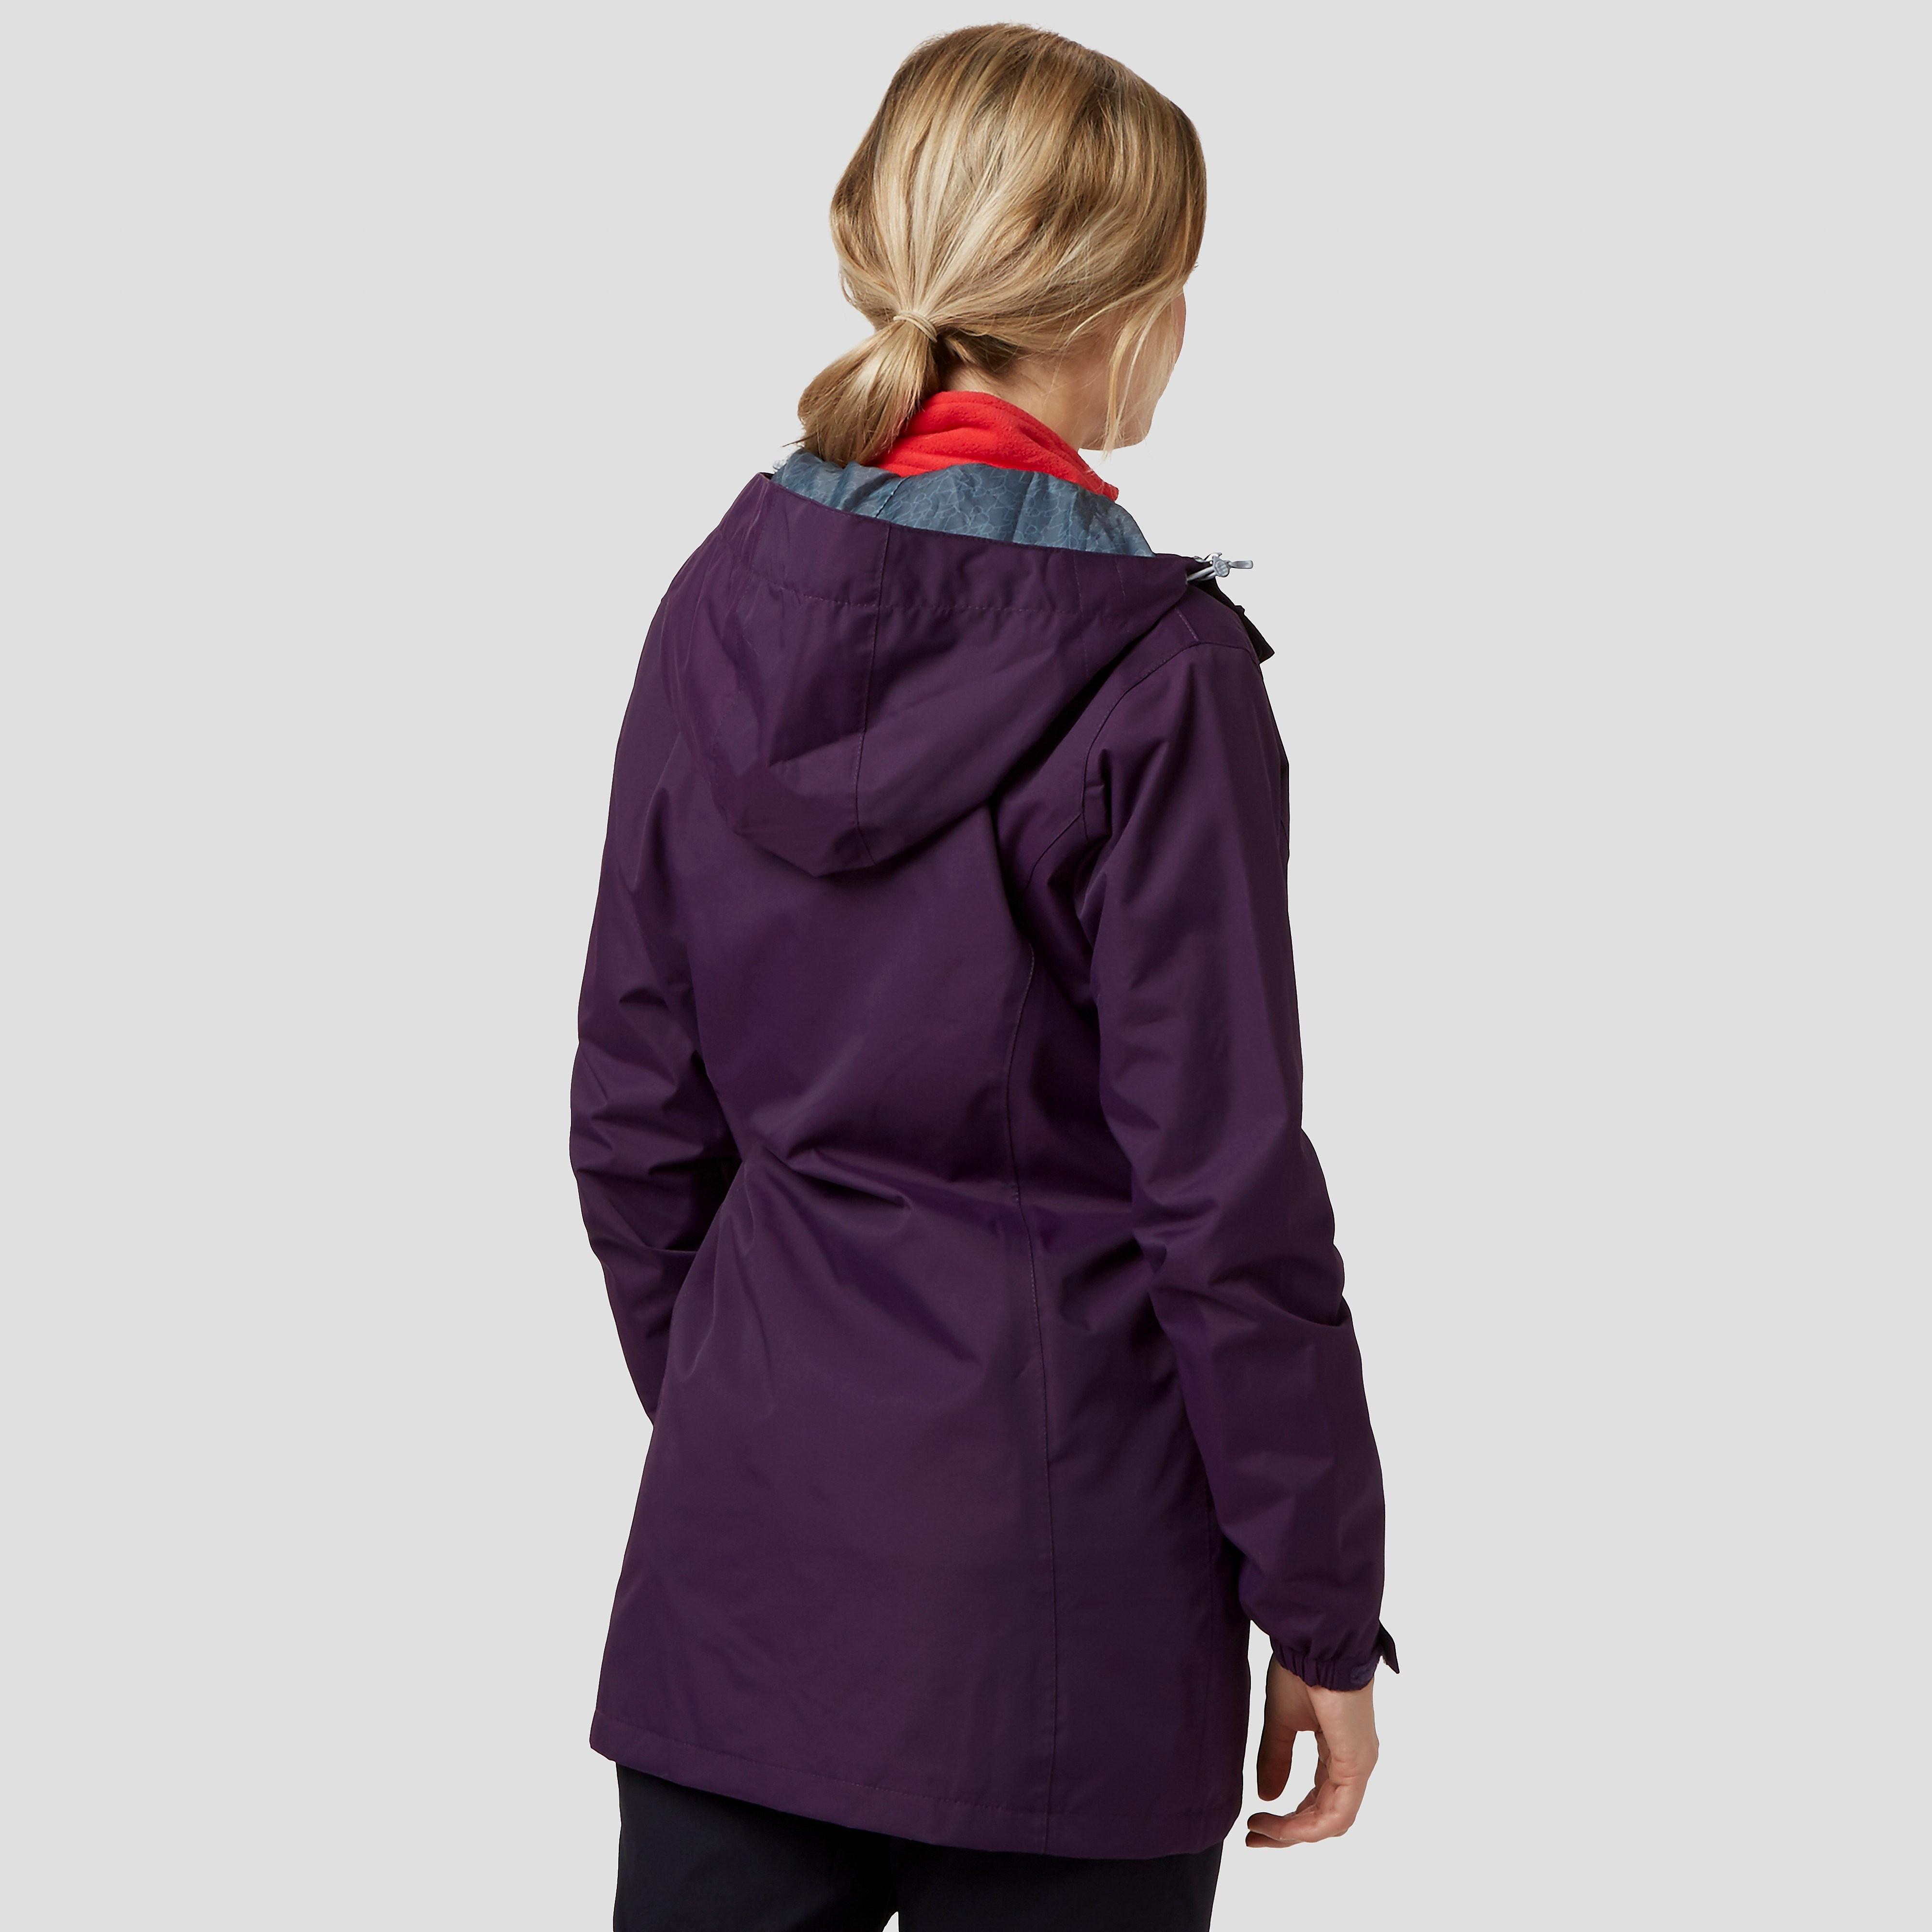 Peter Storm Women's Cyclone Waterproof Jacket